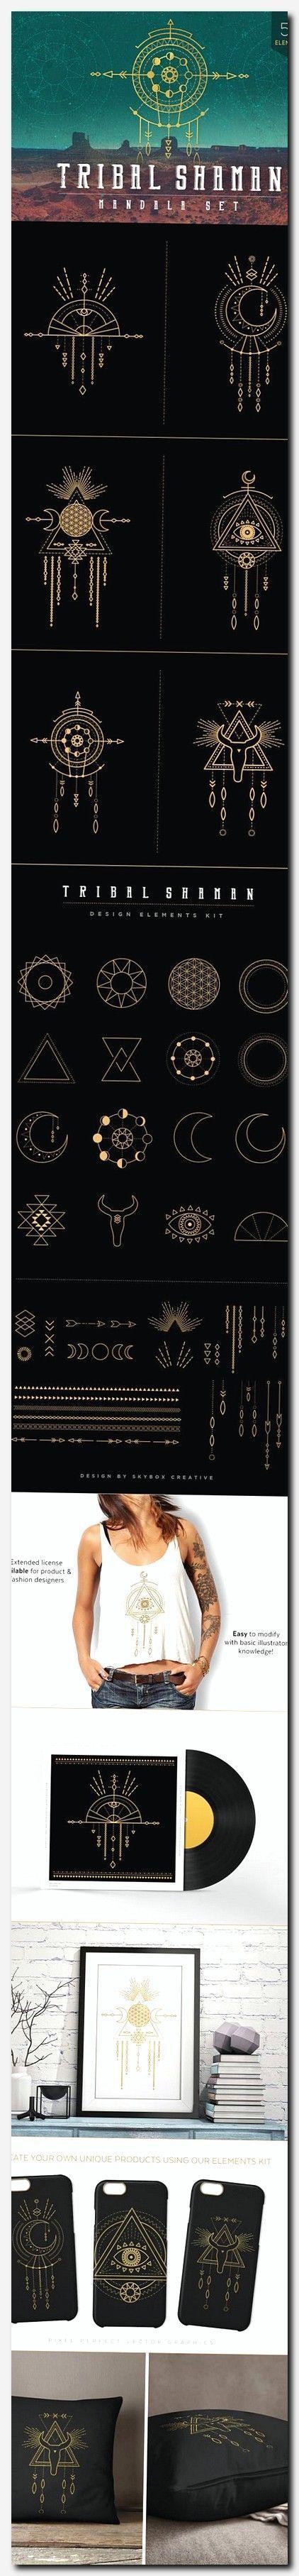 Tribaltattoo tattoo tattoo articles eternal art tattoo womens